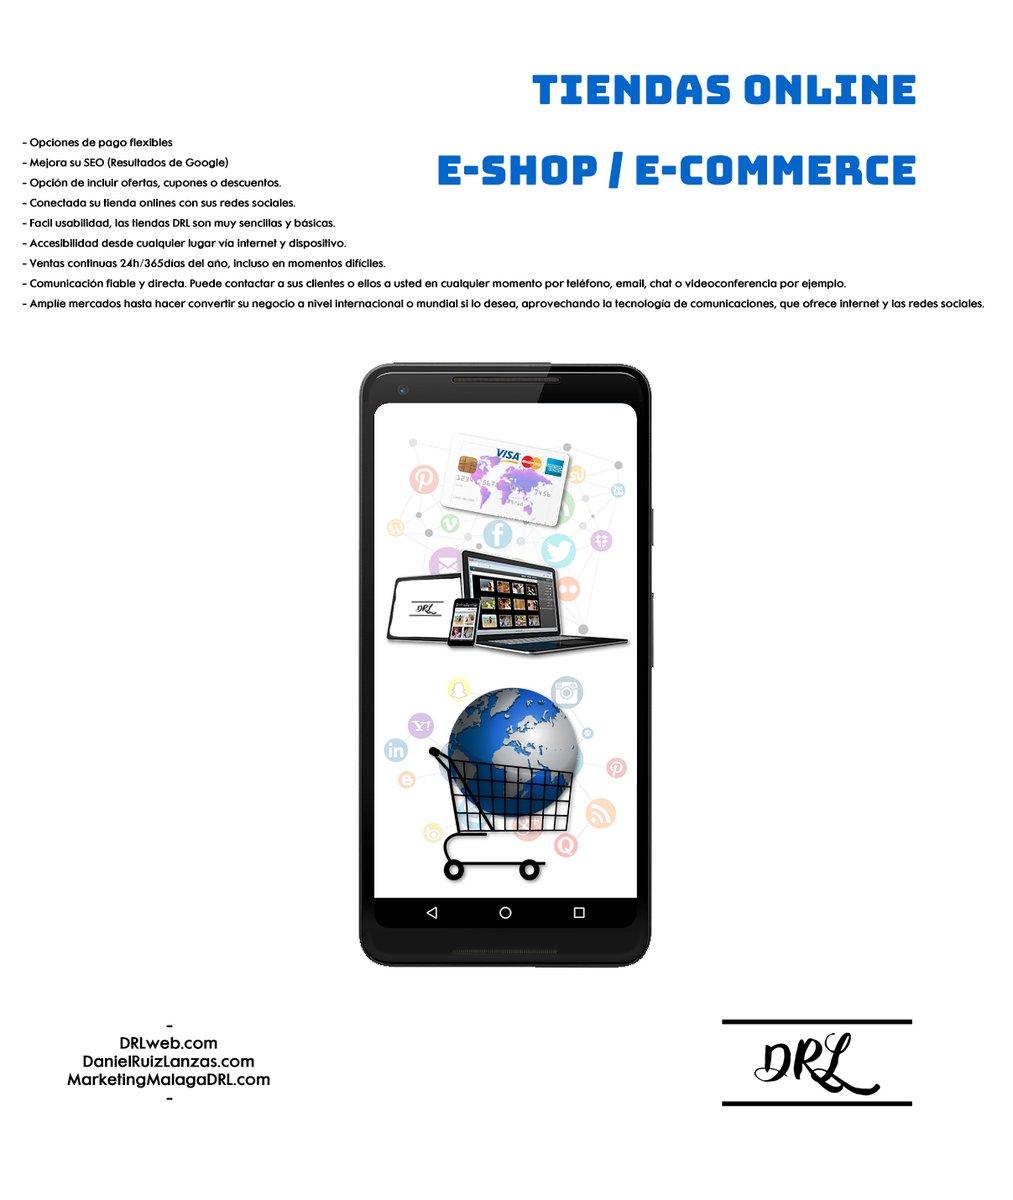 Mueva su negocio (prácticamente casi todos los modelos de negocio se pueden adaptar a tienda online), actualícese vía internet, cree una tienda online con DRL. Con el COVID-19 los modelos de negocio están evolucionando, y las tiendas online adquirien cada vez mayor protagonismo https://t.co/iUSeQZuyQ8